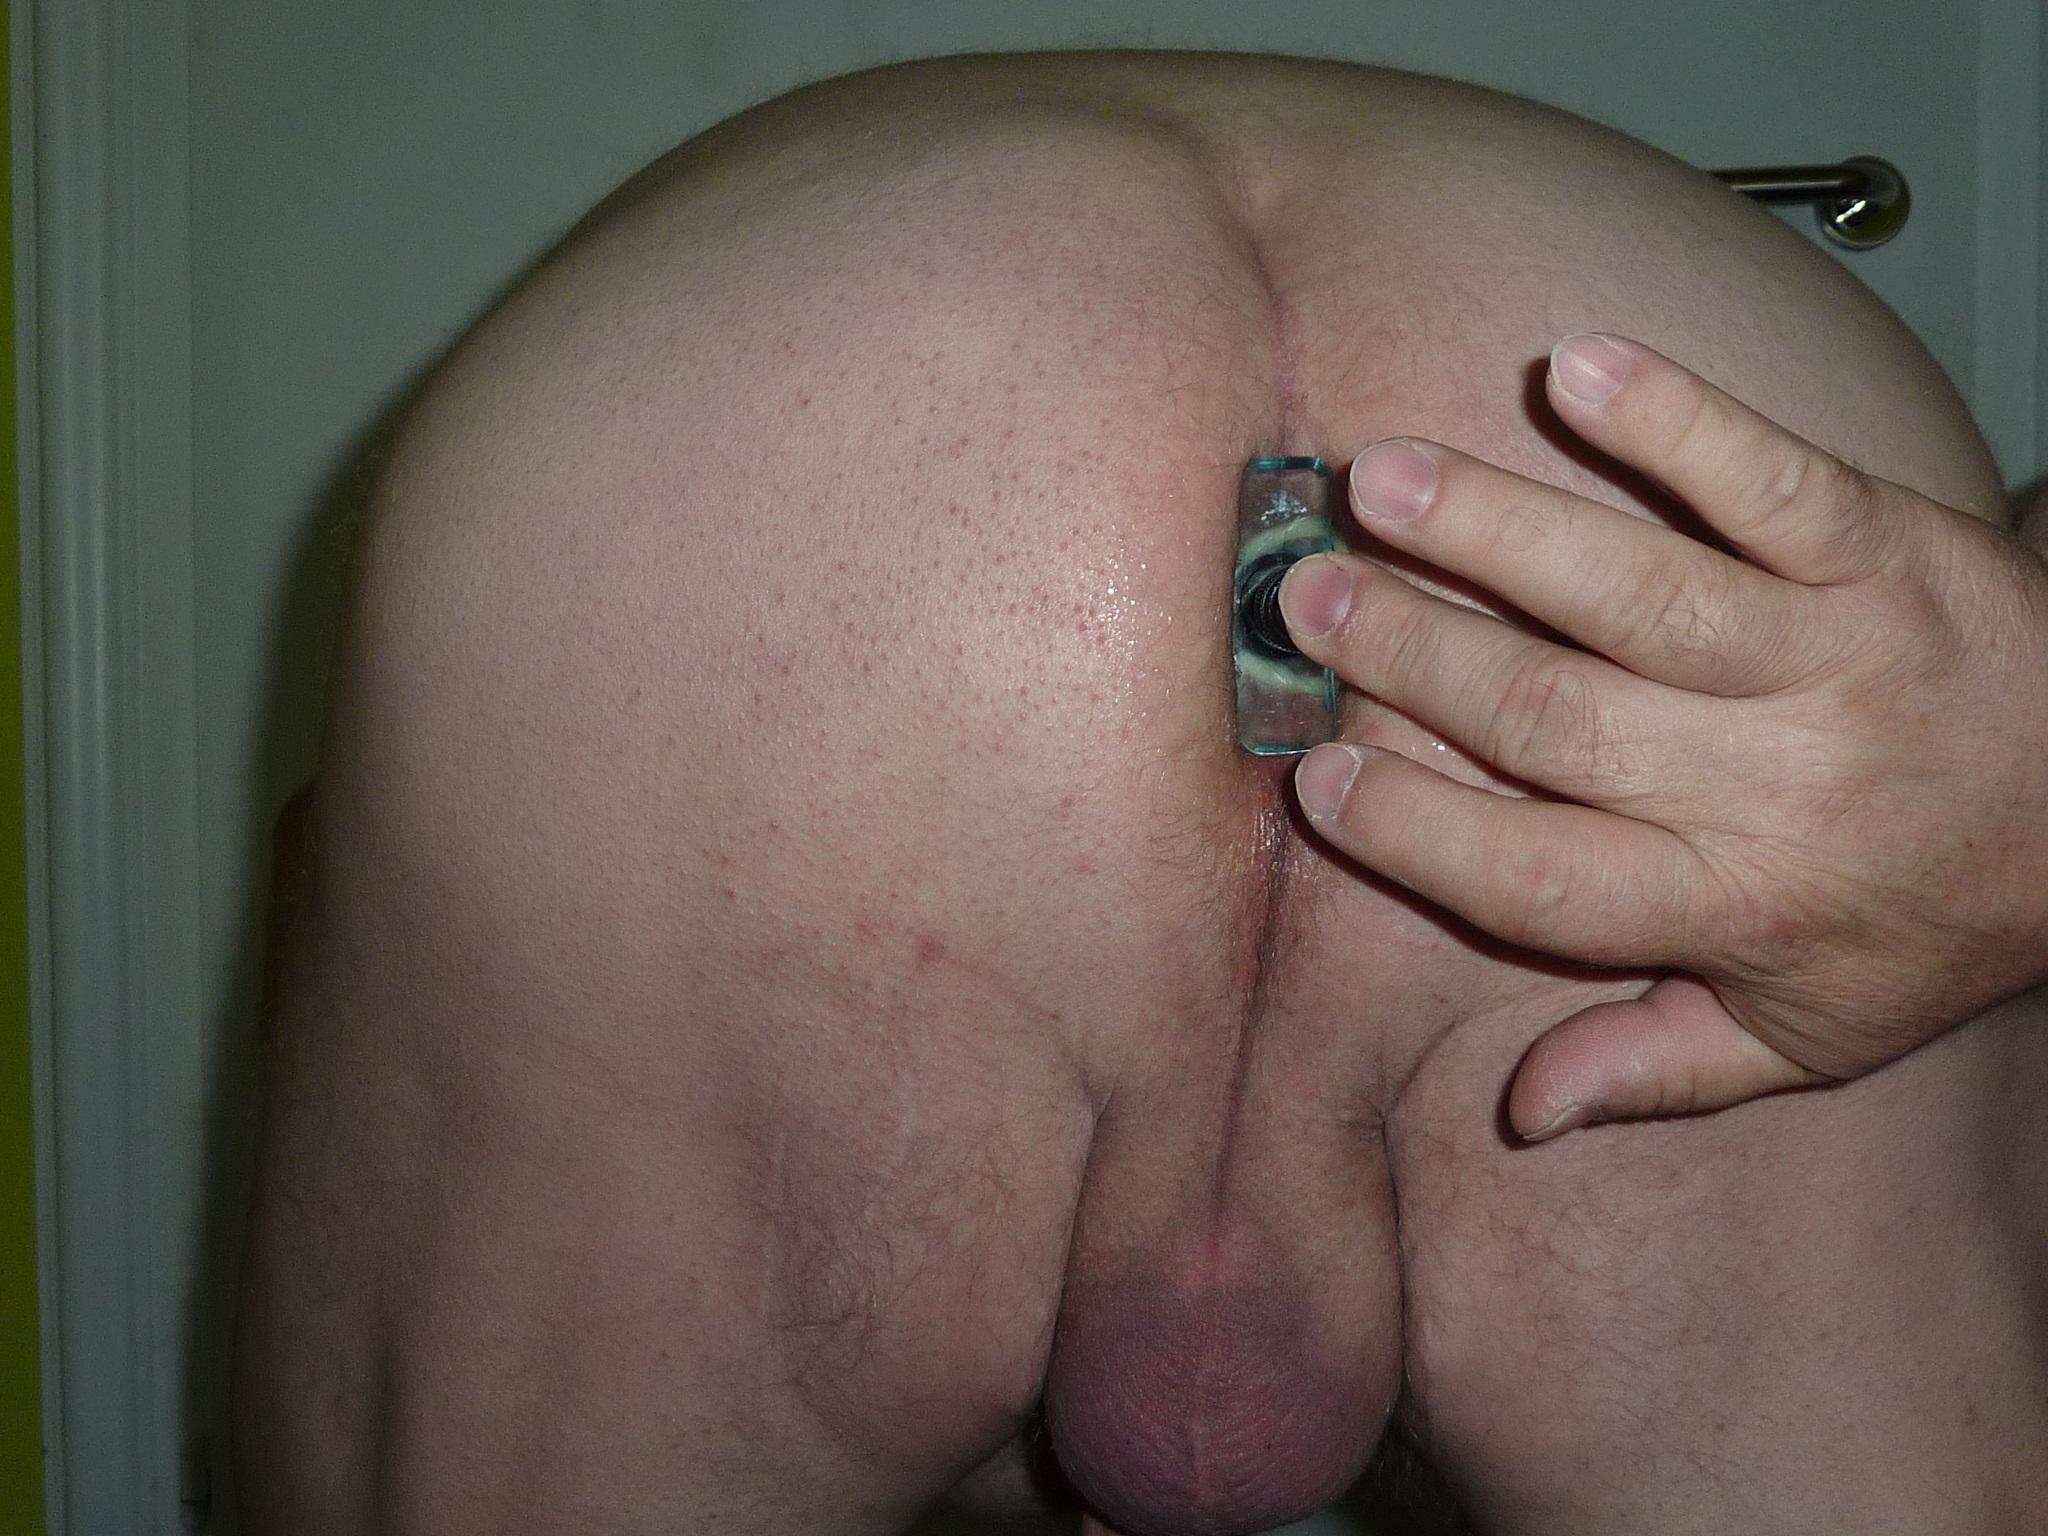 wie finde ich meine prostata sex with aneros